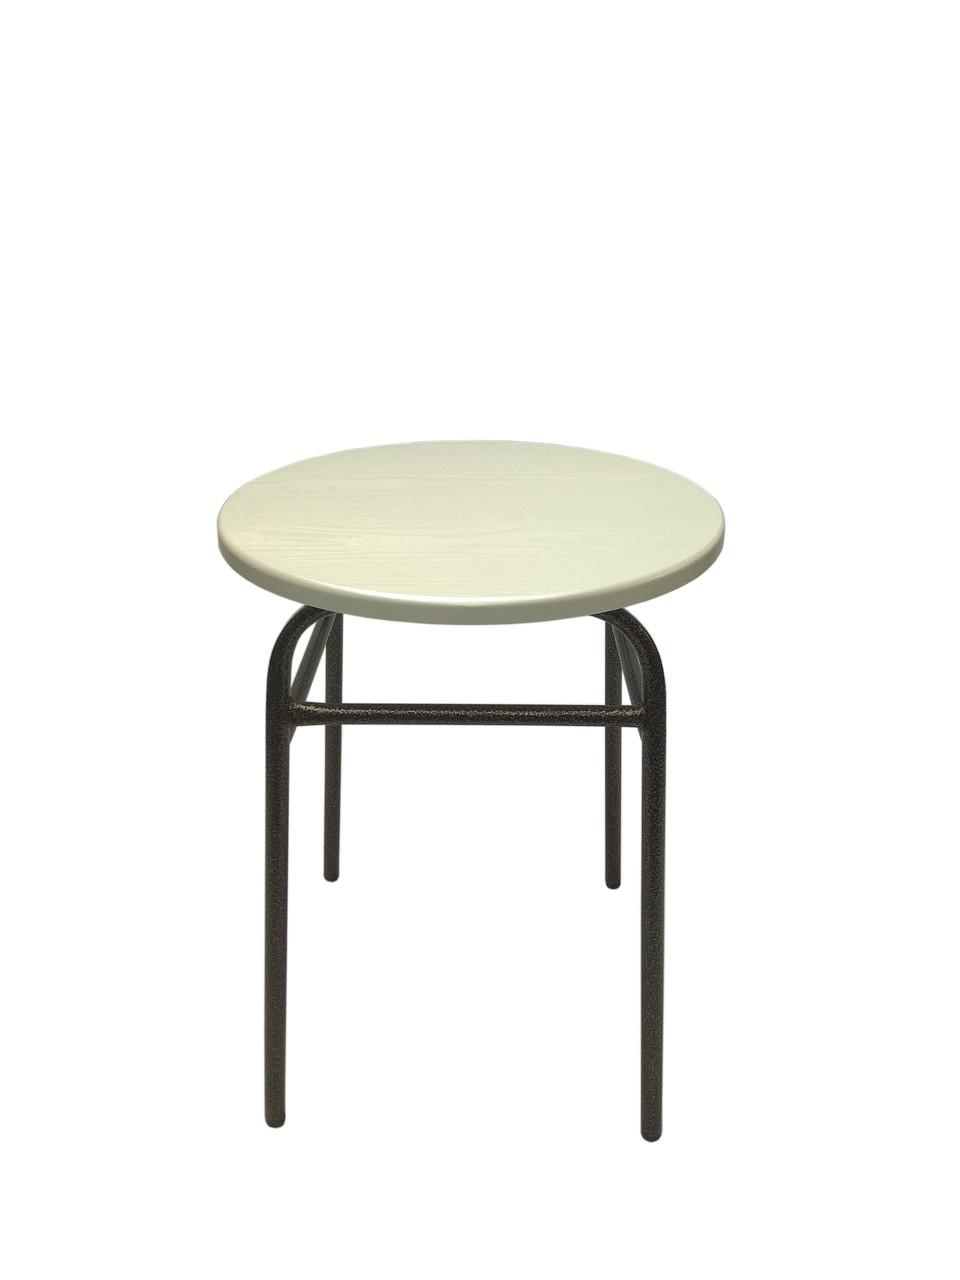 Табурет кухонный металлический круглая сидушка белый цвет